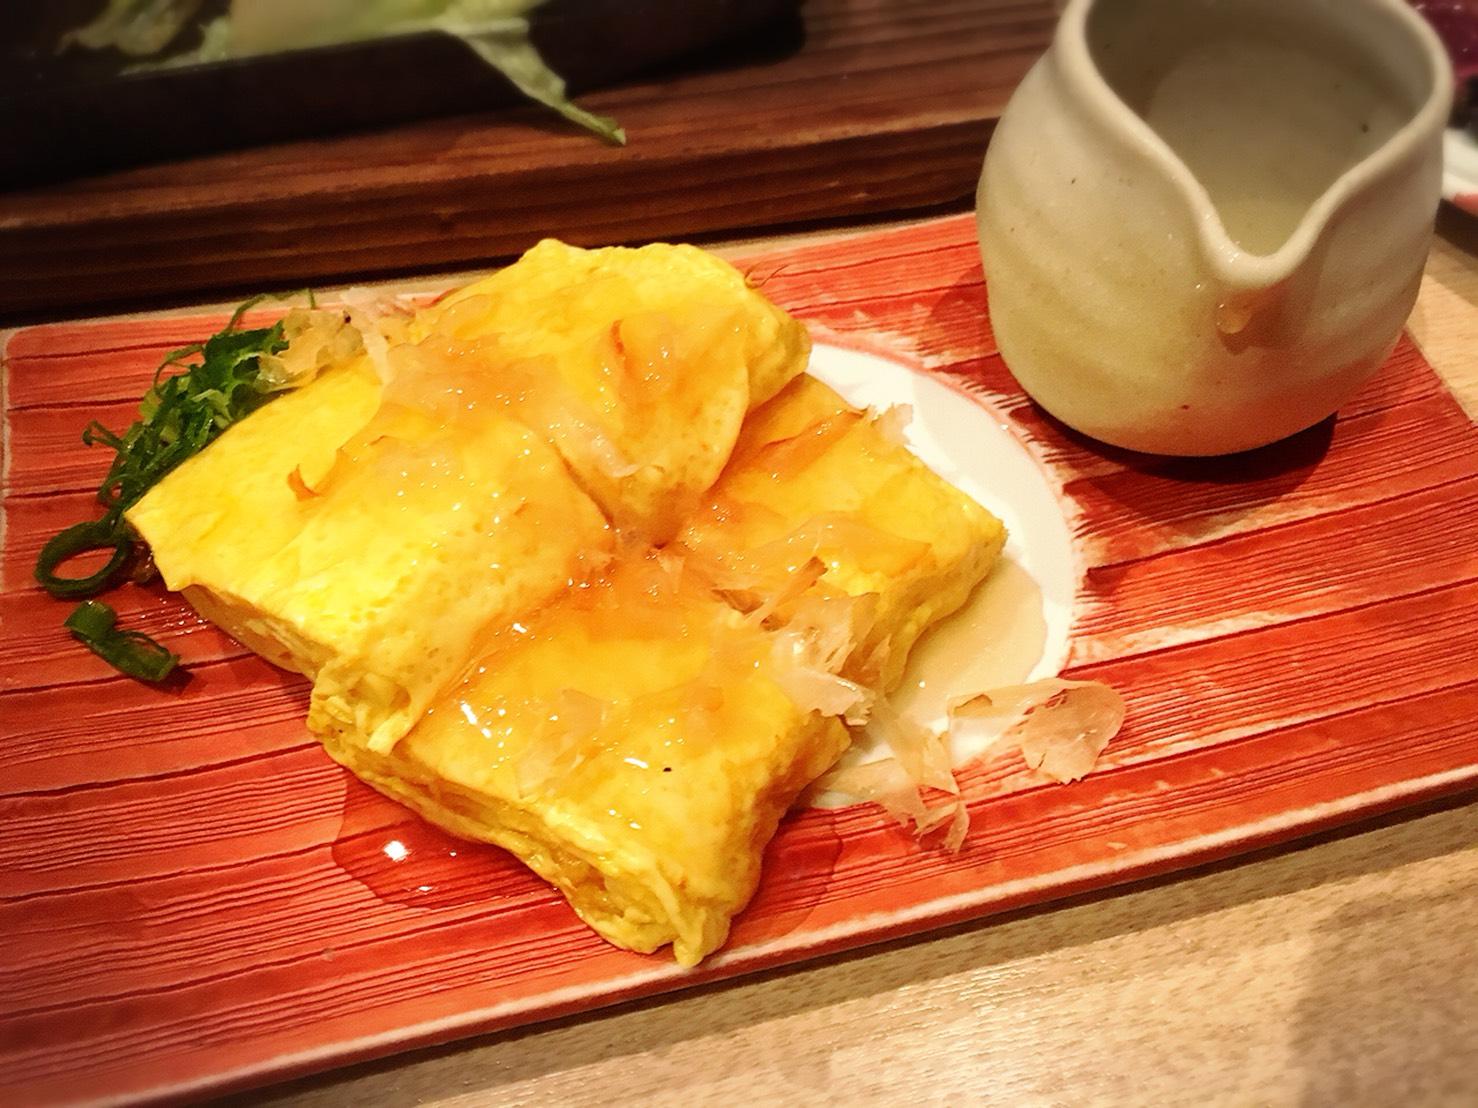 【池袋駅】落ち着いた少人数個室が使いやすい!九州料理もクオリティ高めの「TORI魚 池袋本店」のこだわり玉子の出汁巻き